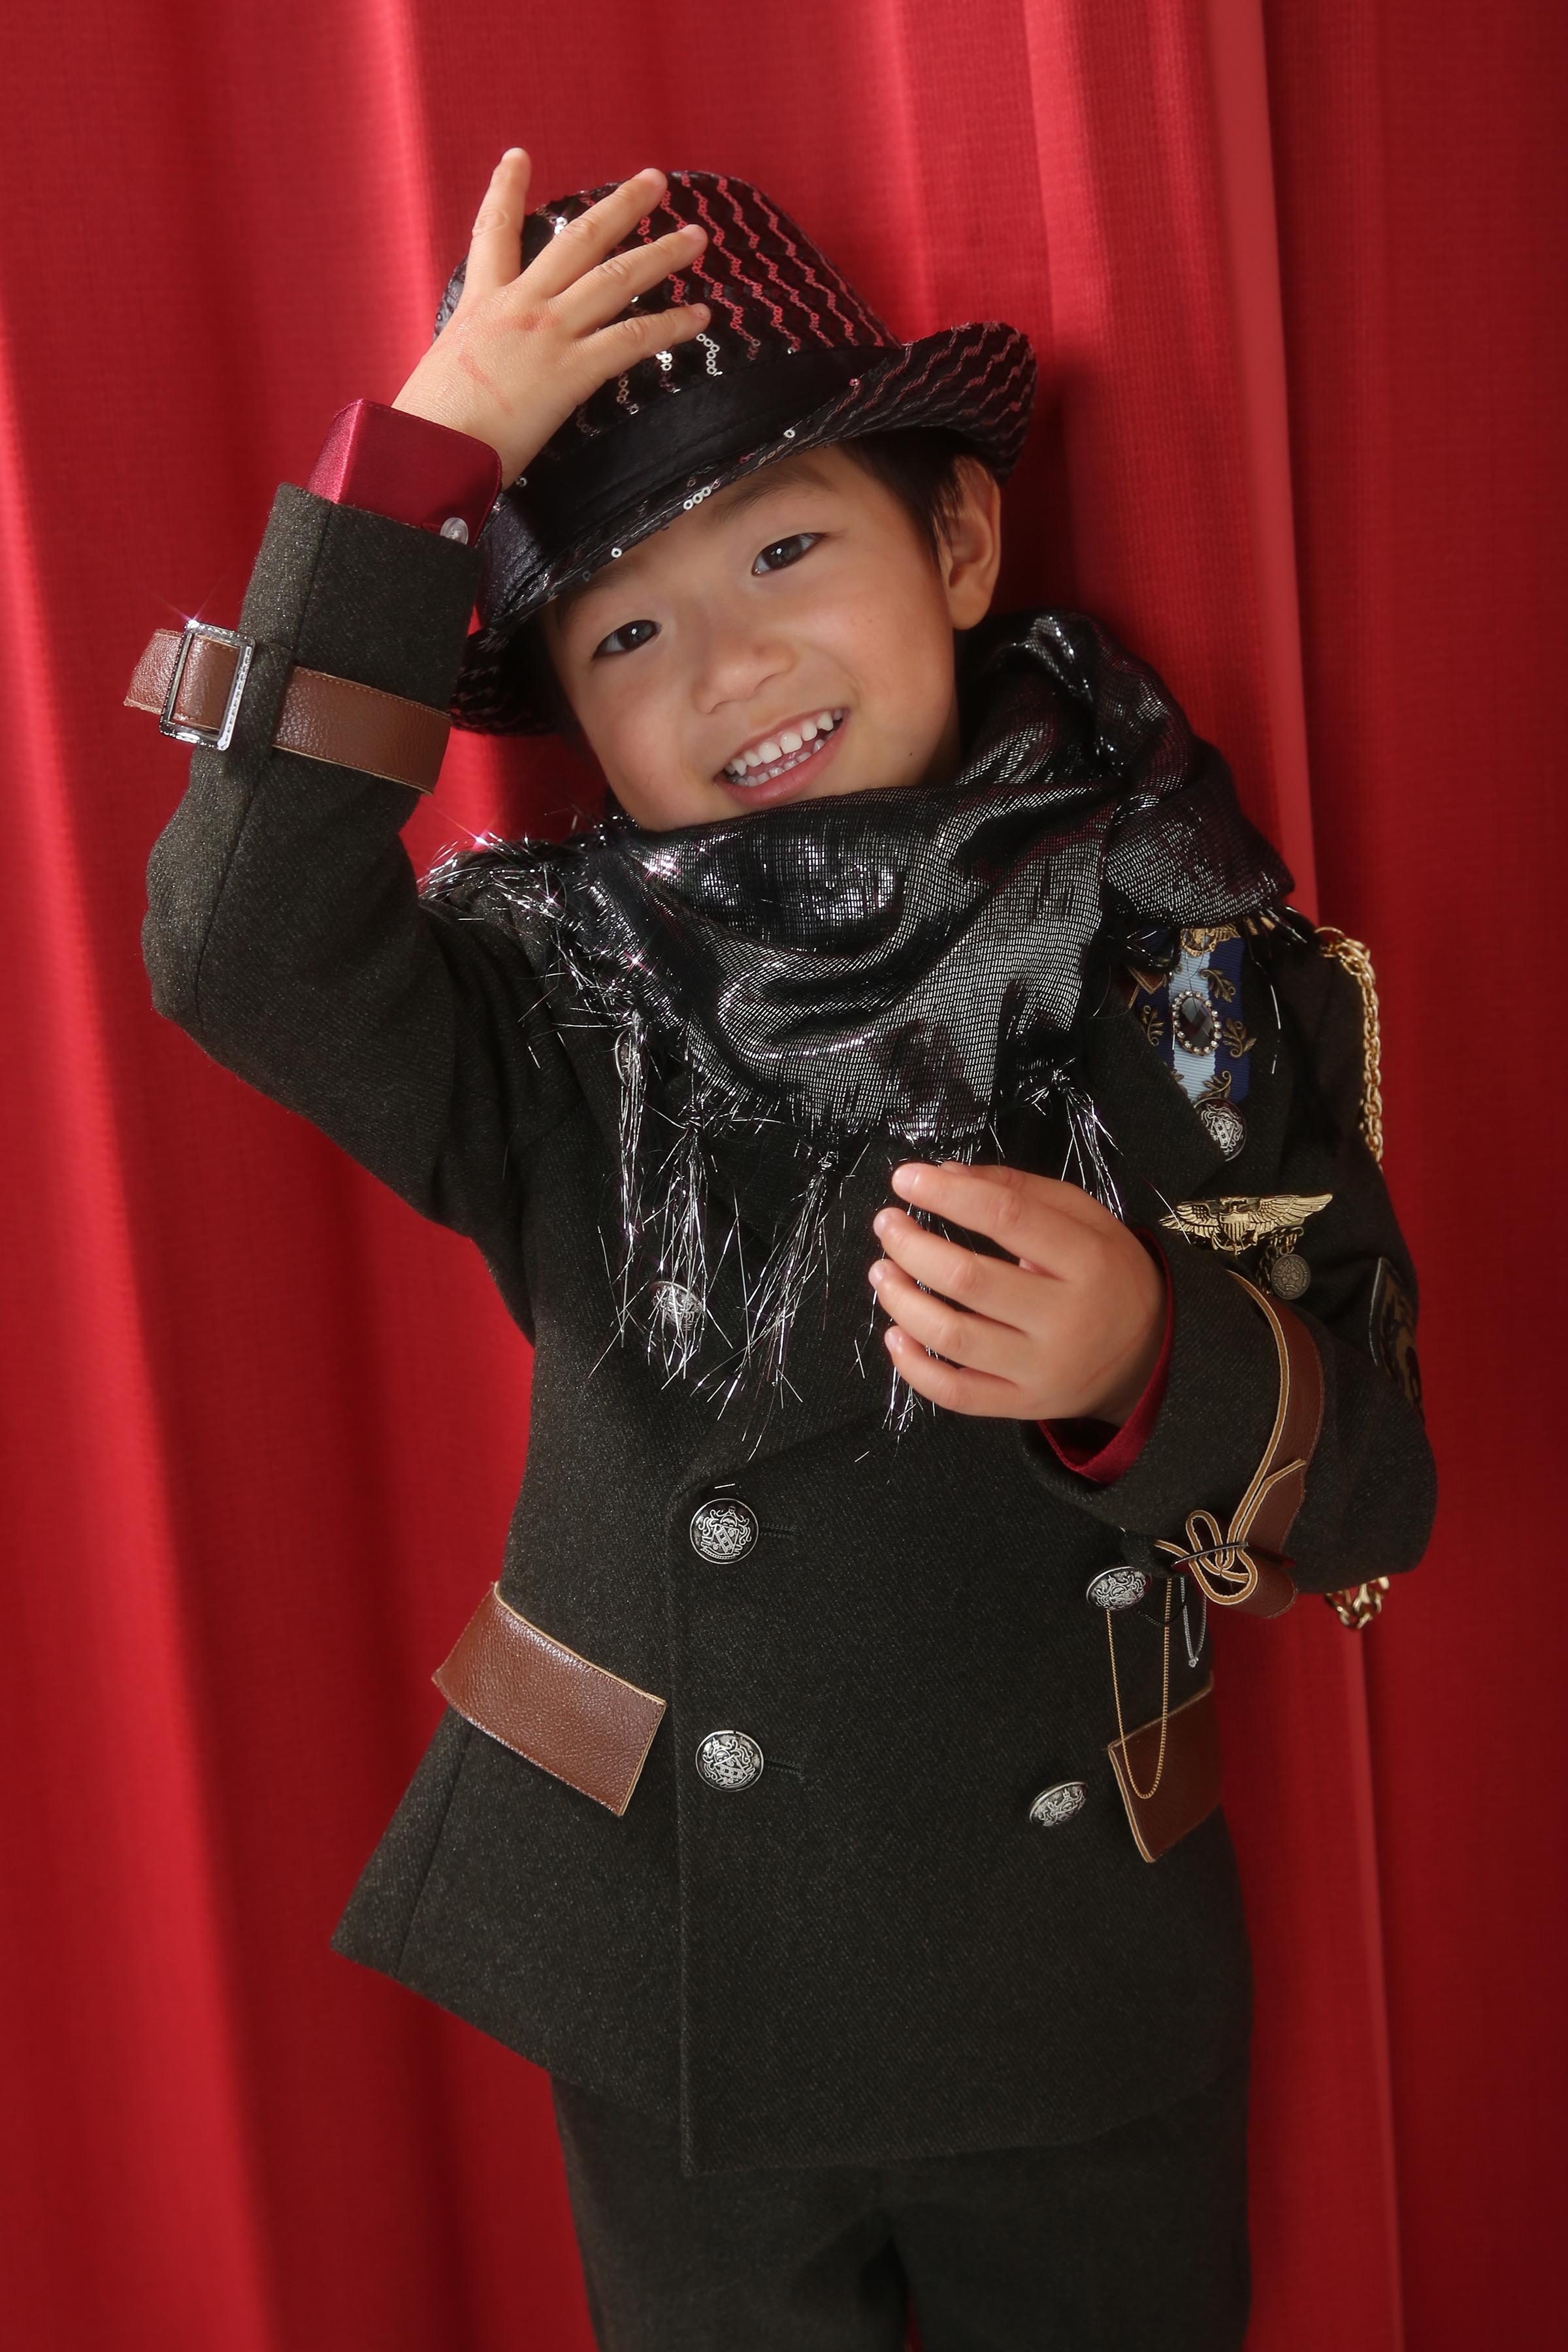 753・5歳・タキシード・カーキ色